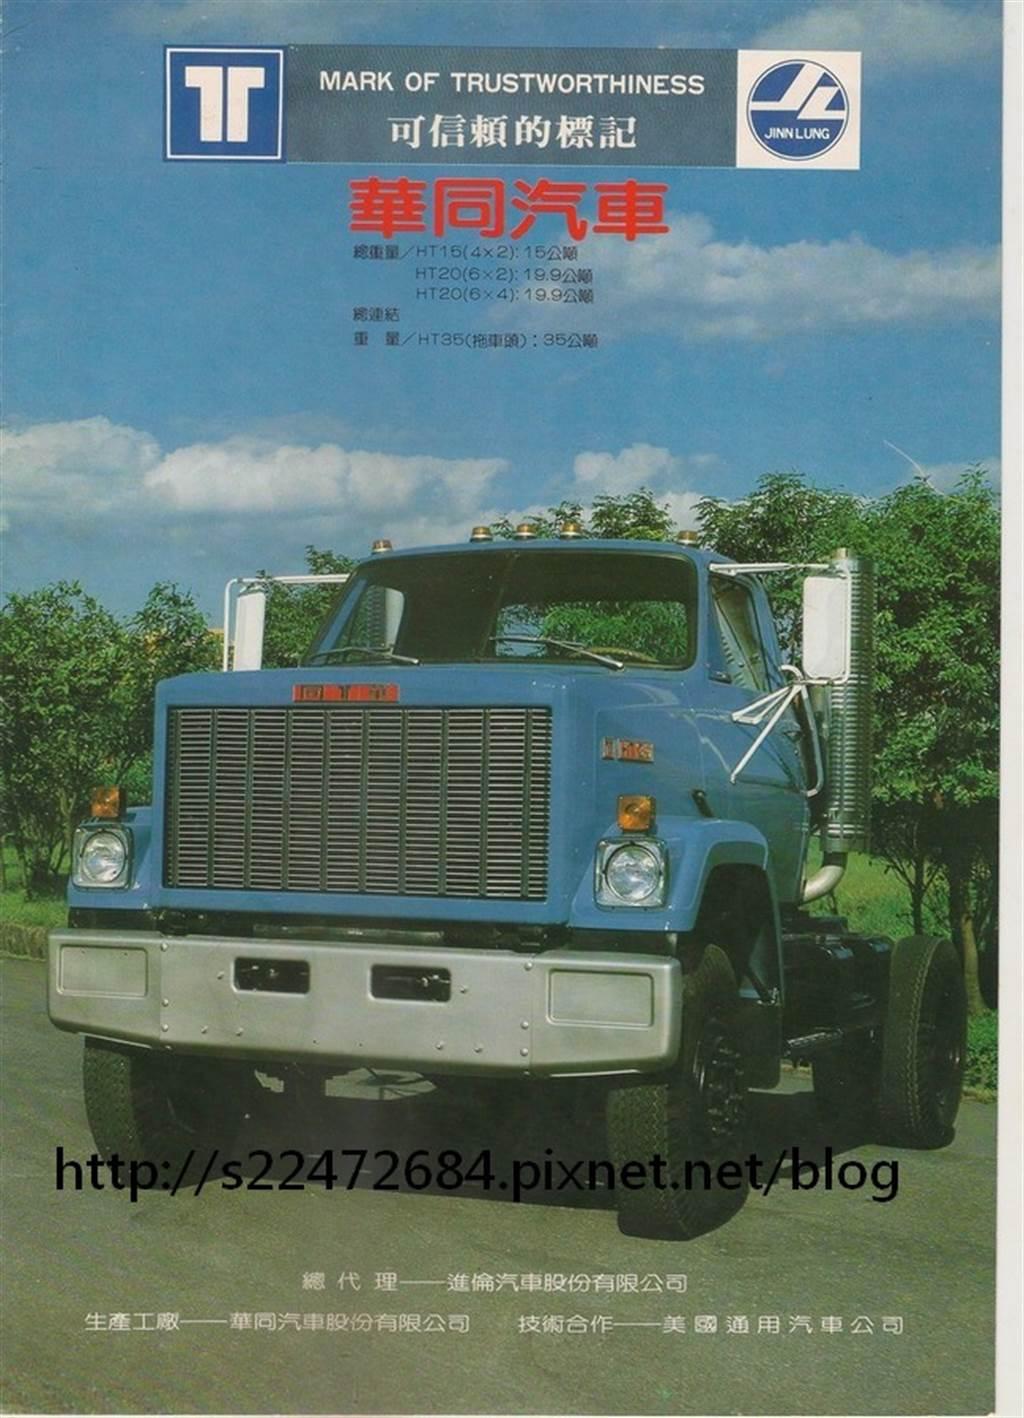 照片授權:網友 Stan Yen,網址:S22472684.pixnet.net/blog